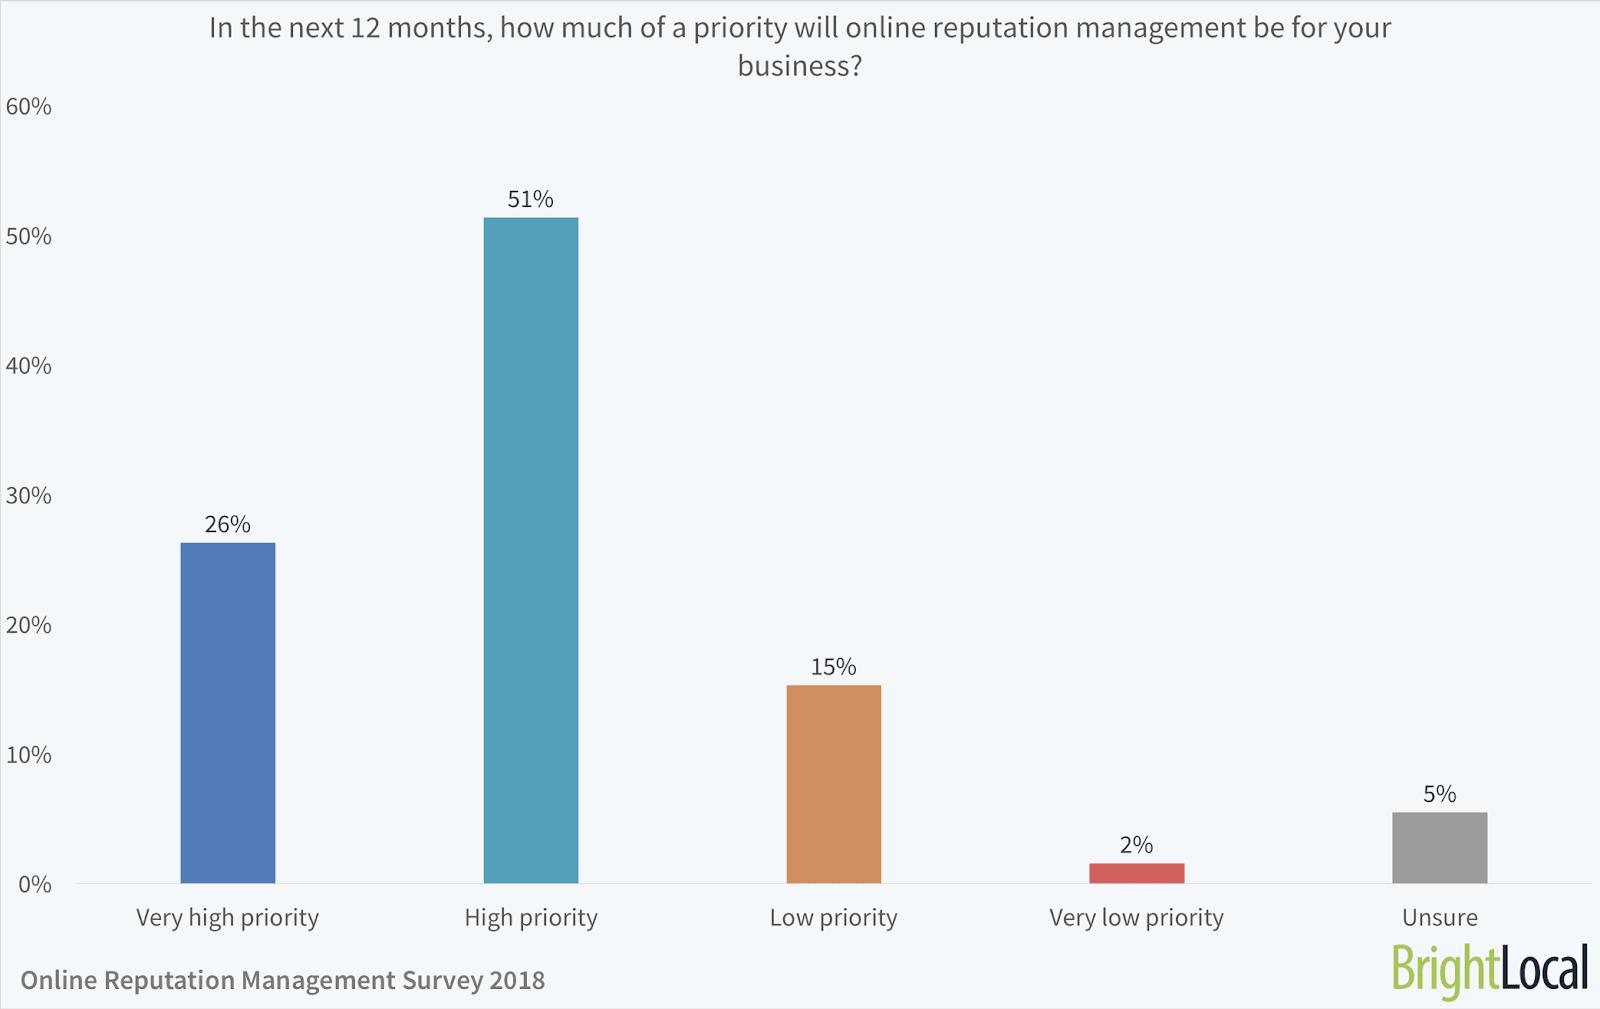 Online Reputation Management Survey - BrightLocal